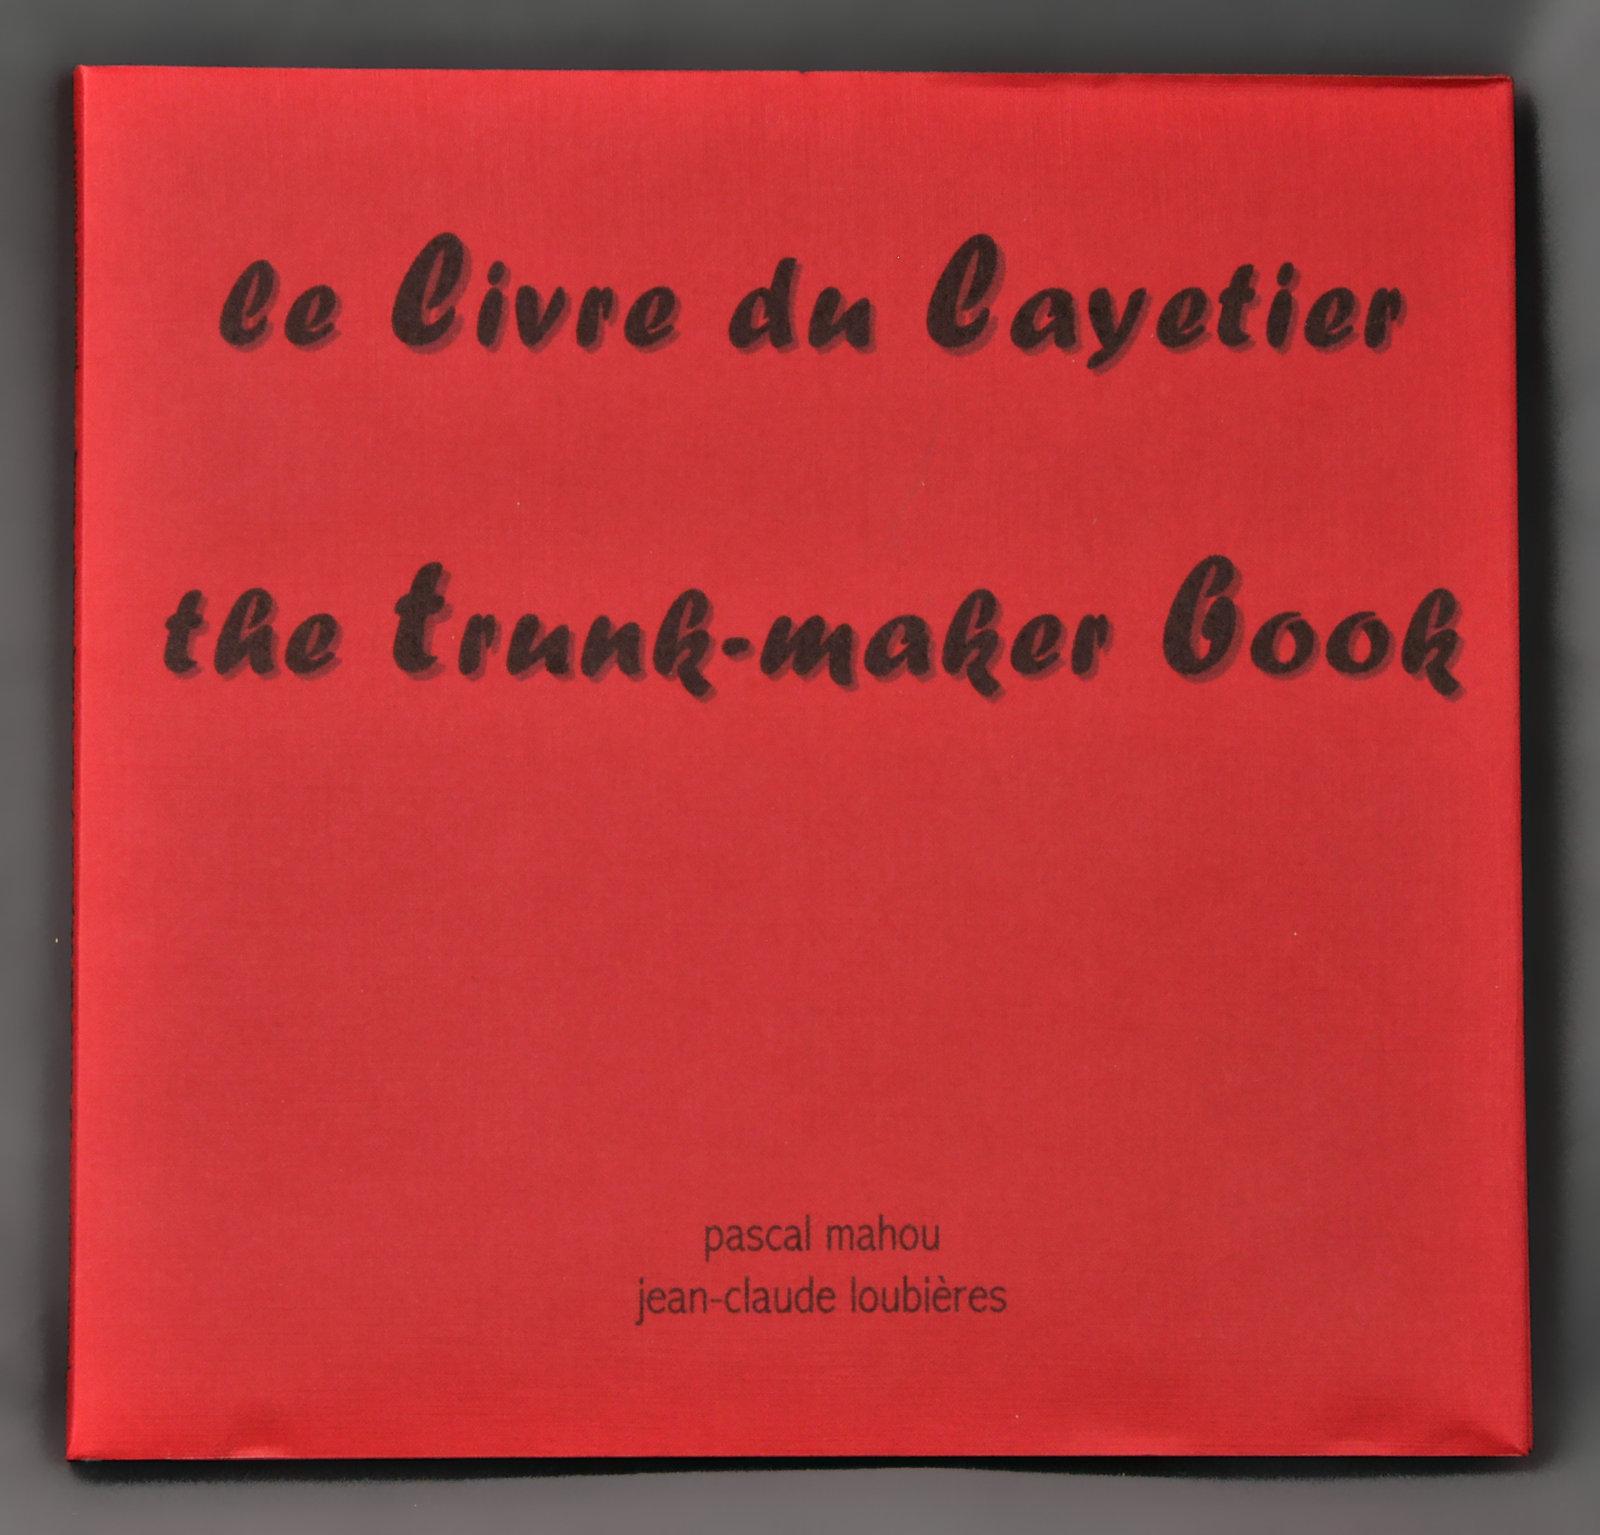 Livre du layetier (Le) : the trunk-maker book | Loubières, Jean-Claude (1947-....). Auteur